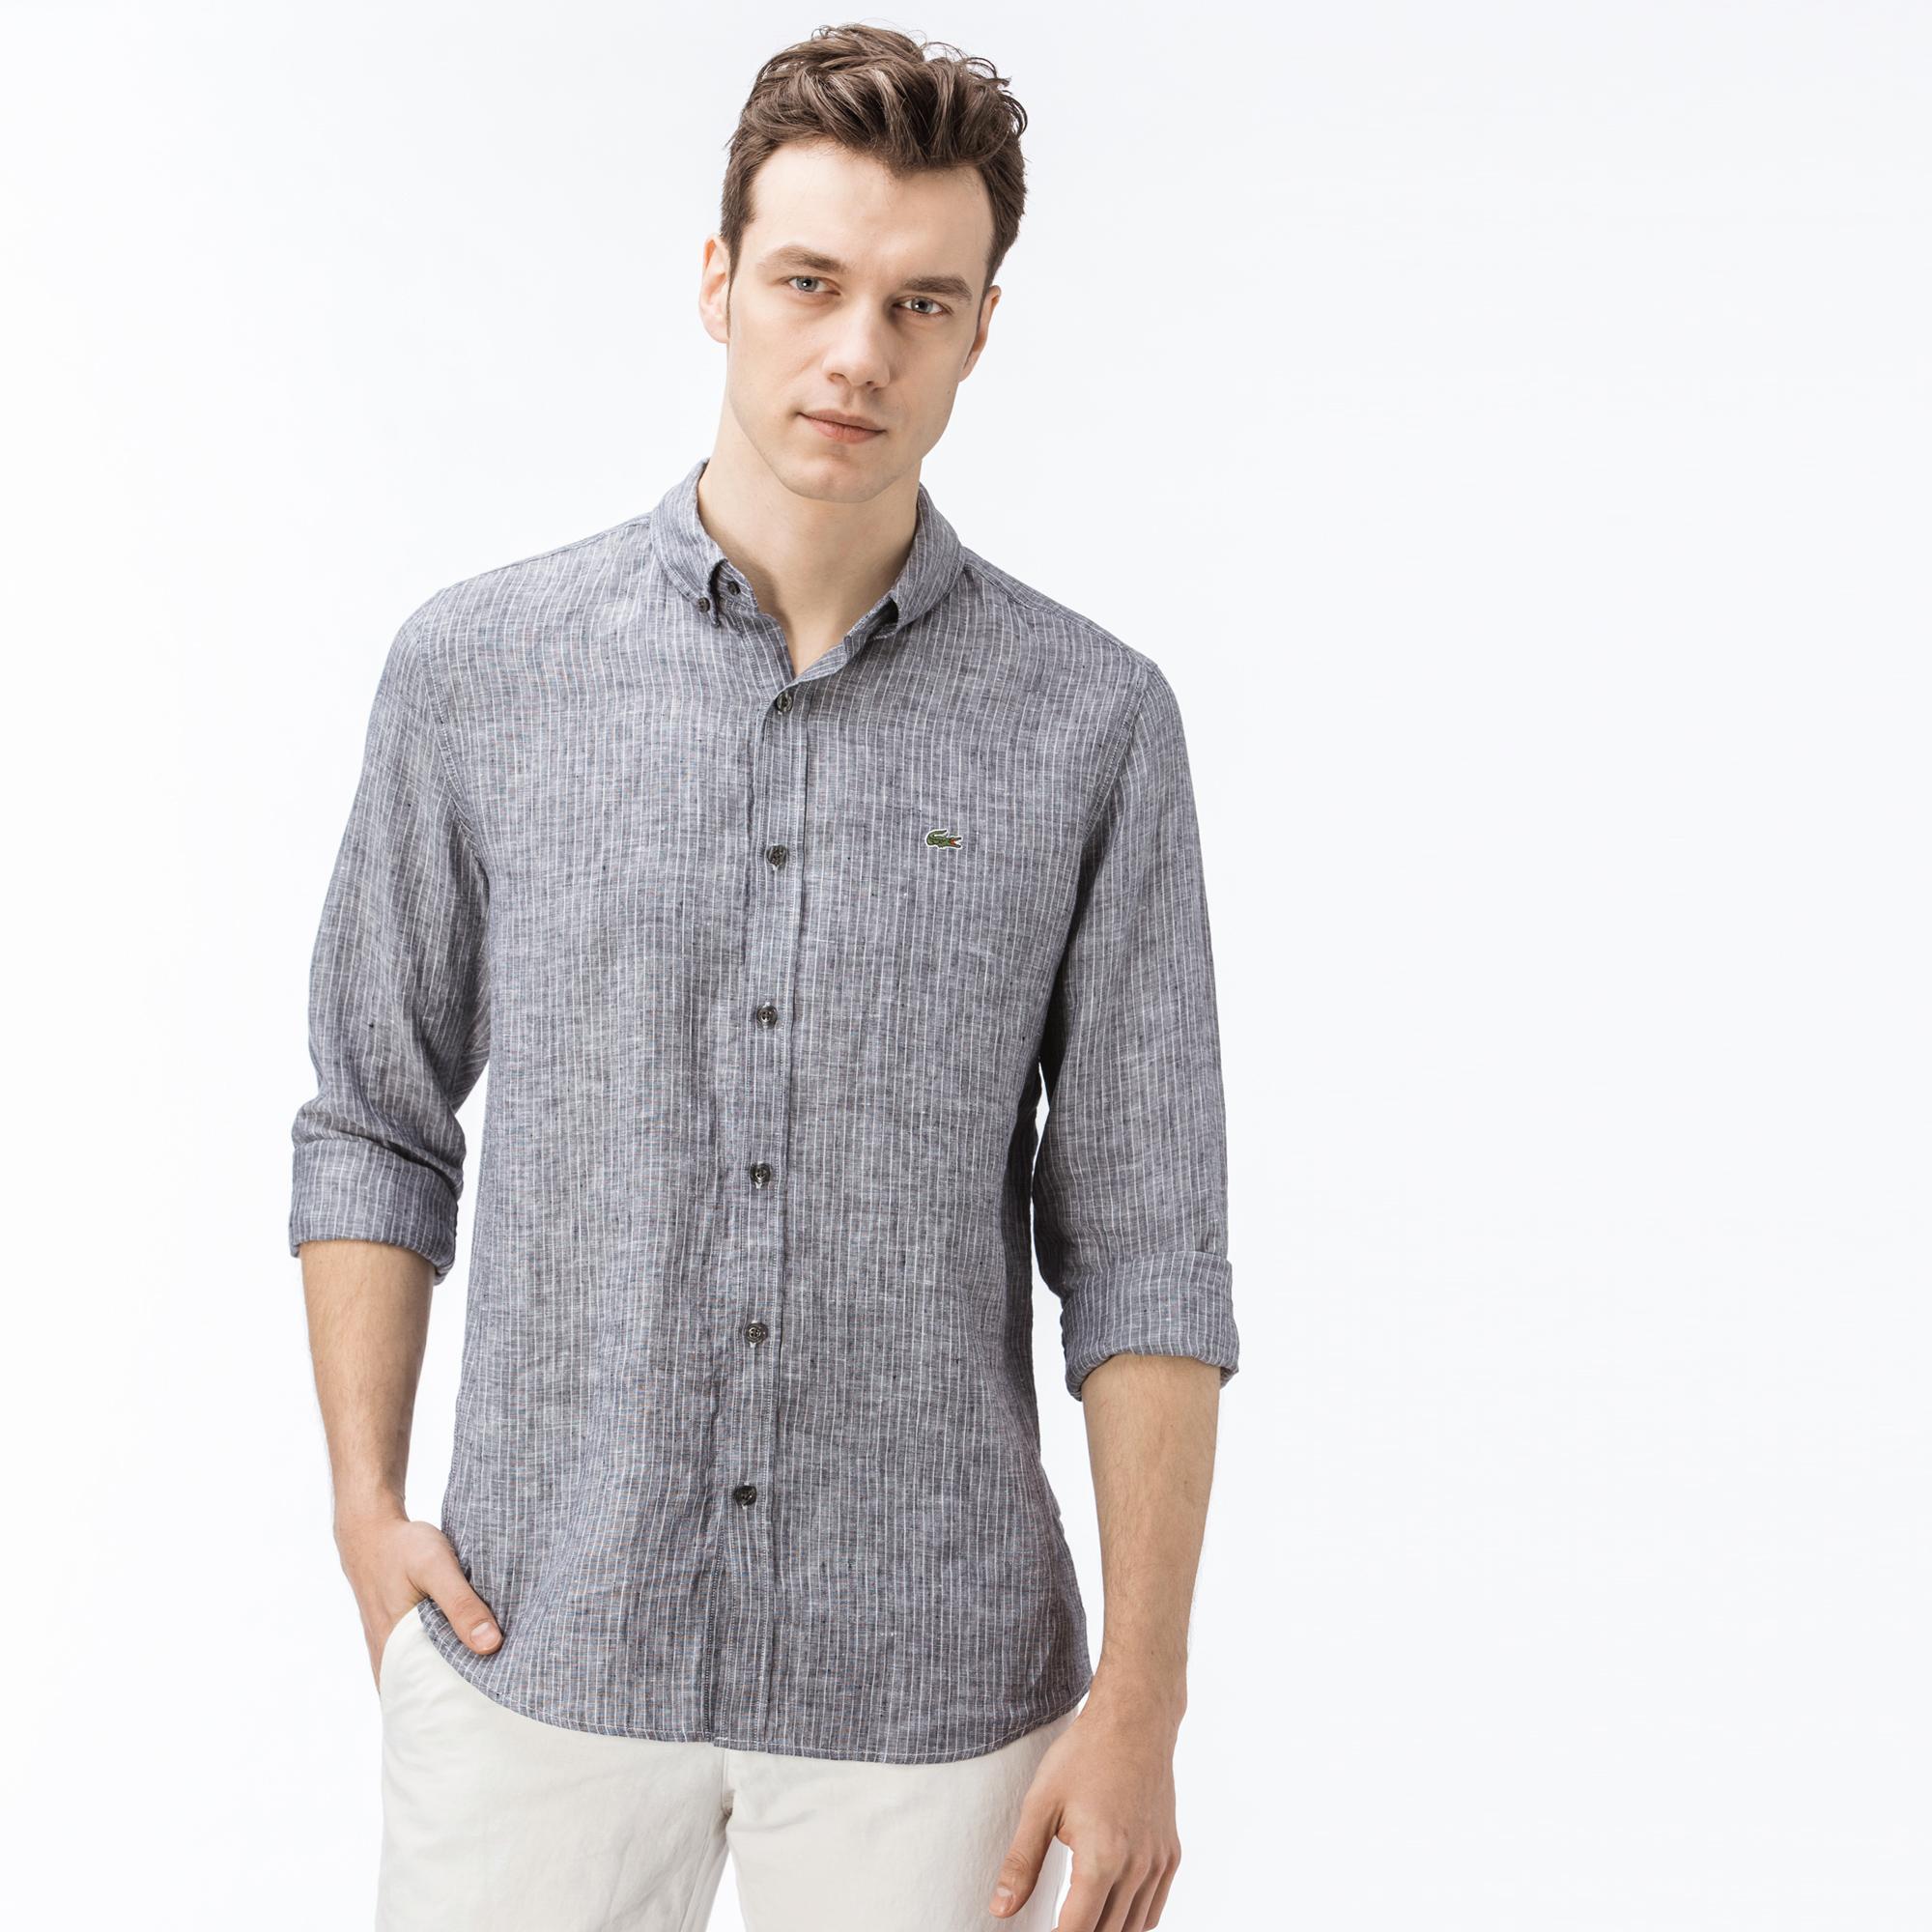 Рубашка LacosteРубашки<br>Детали: выполнена из натурального и экологичного льна;\Воротник button-down;\В полоску;\Вышитый логотип Lacoste\Материал: 97% хлопок 3% полиамид